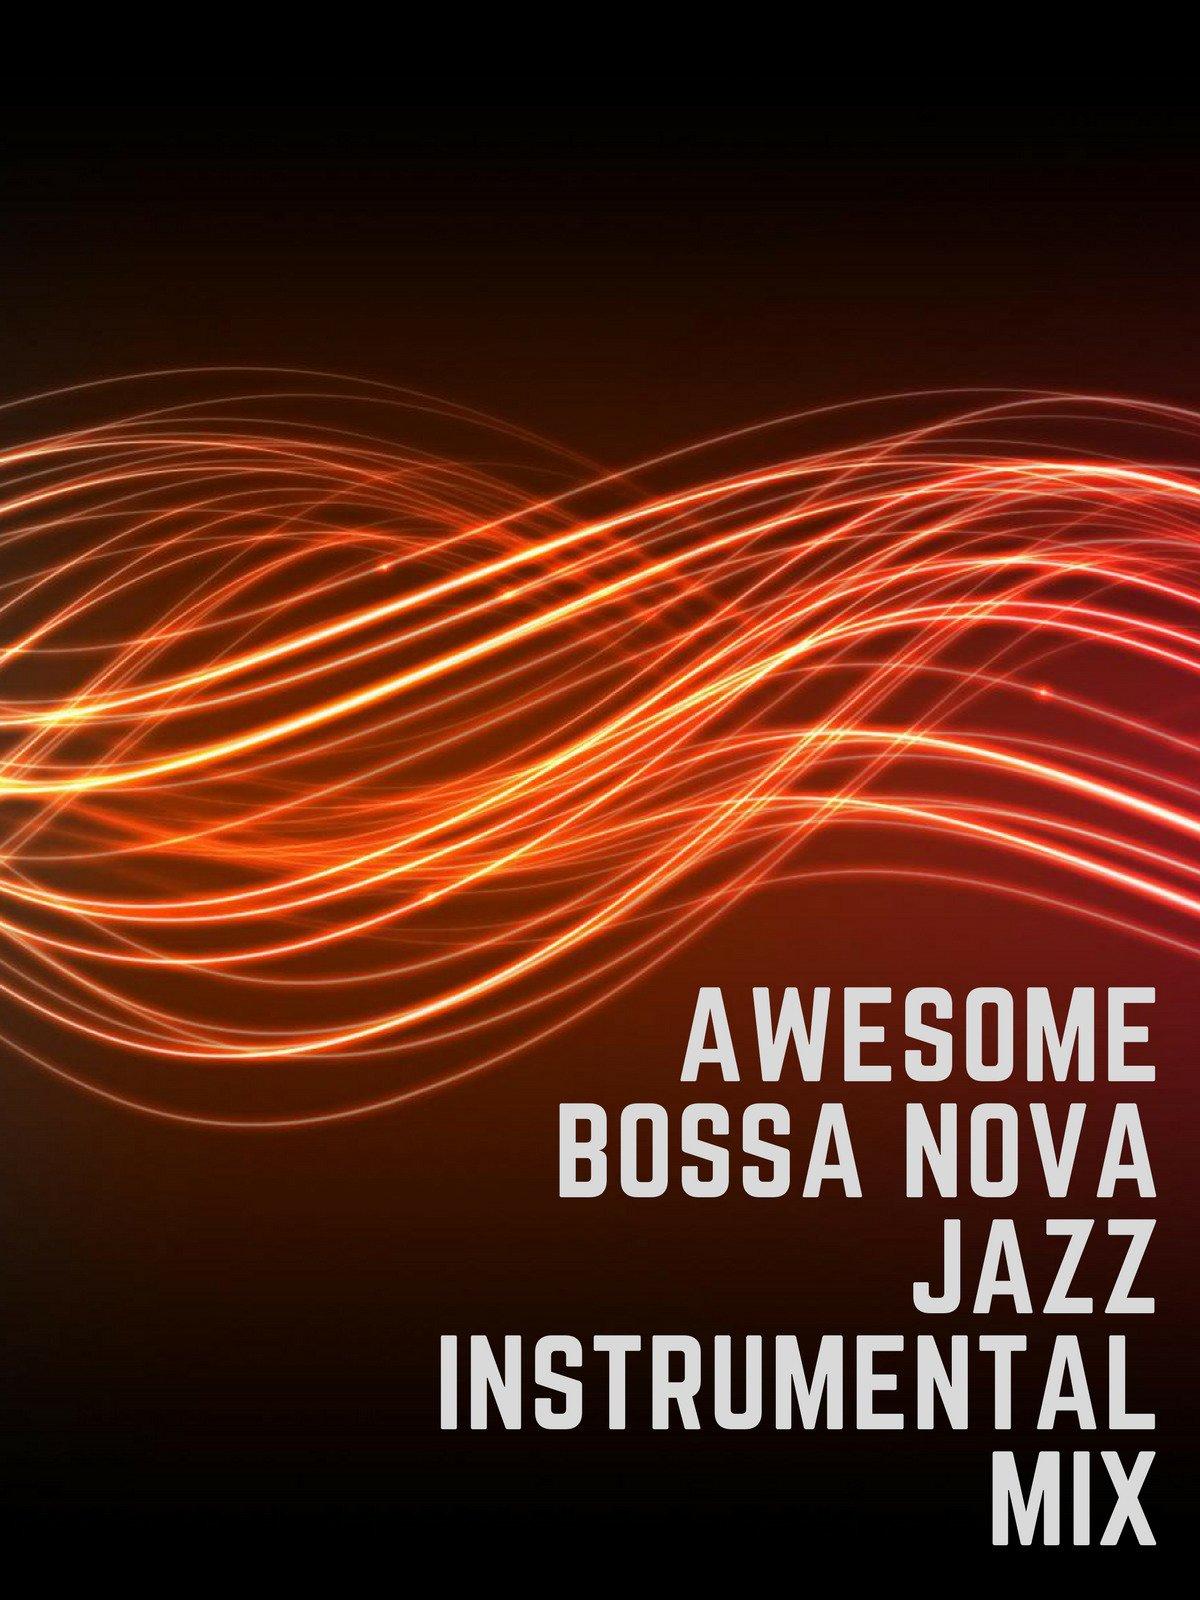 Awesome Bossa Nova Jazz Instrumental Mix